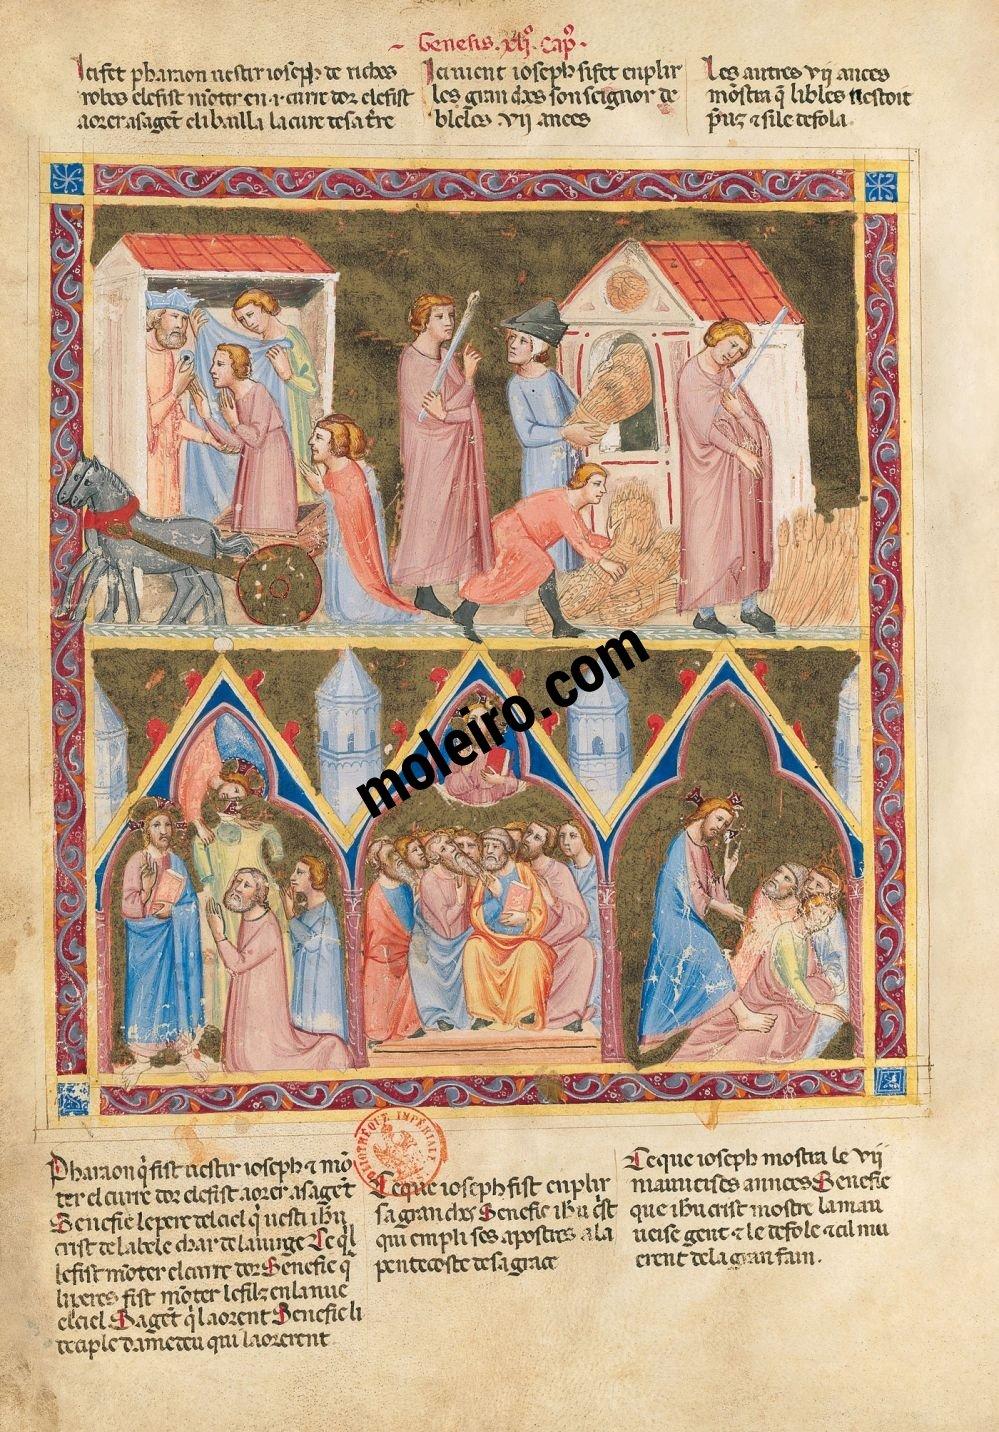 Bible moralisée de Naples f. 30v (Gn 41, 41-44 et 41, 47-54)